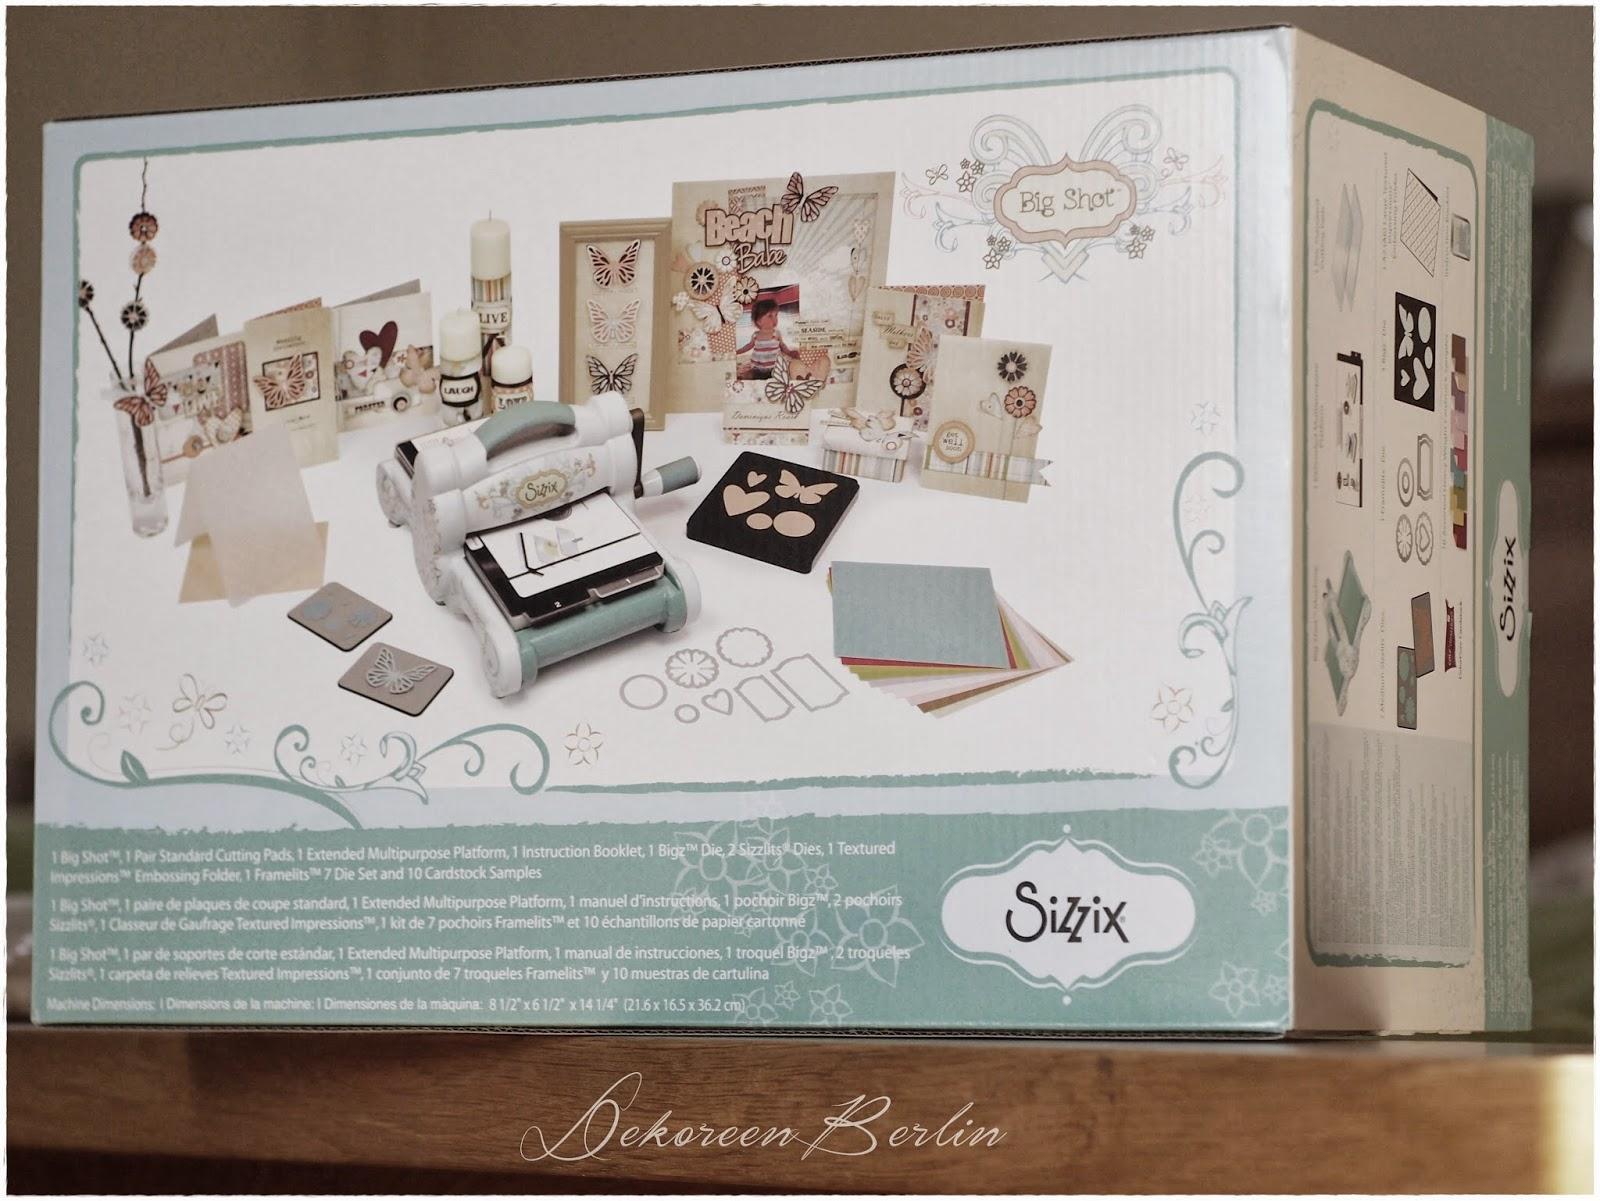 dekoreenberlin freitagsbl mchen big shot. Black Bedroom Furniture Sets. Home Design Ideas